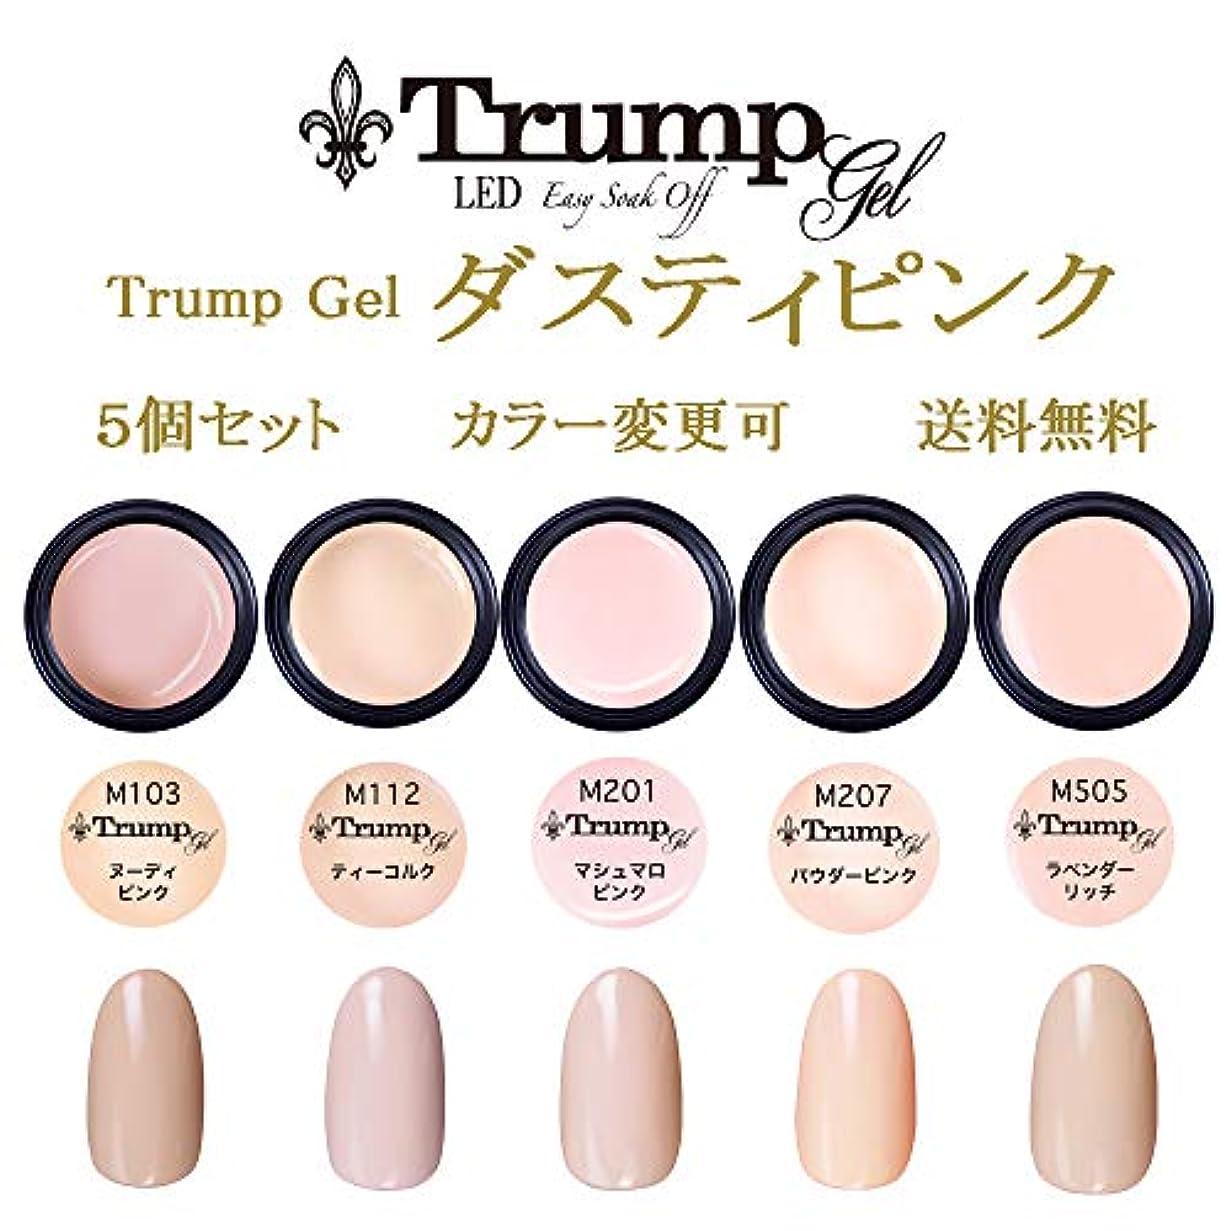 時系列雇うブリリアント【送料無料】Trumpダスティピンクカラー選べる カラージェル5個セット